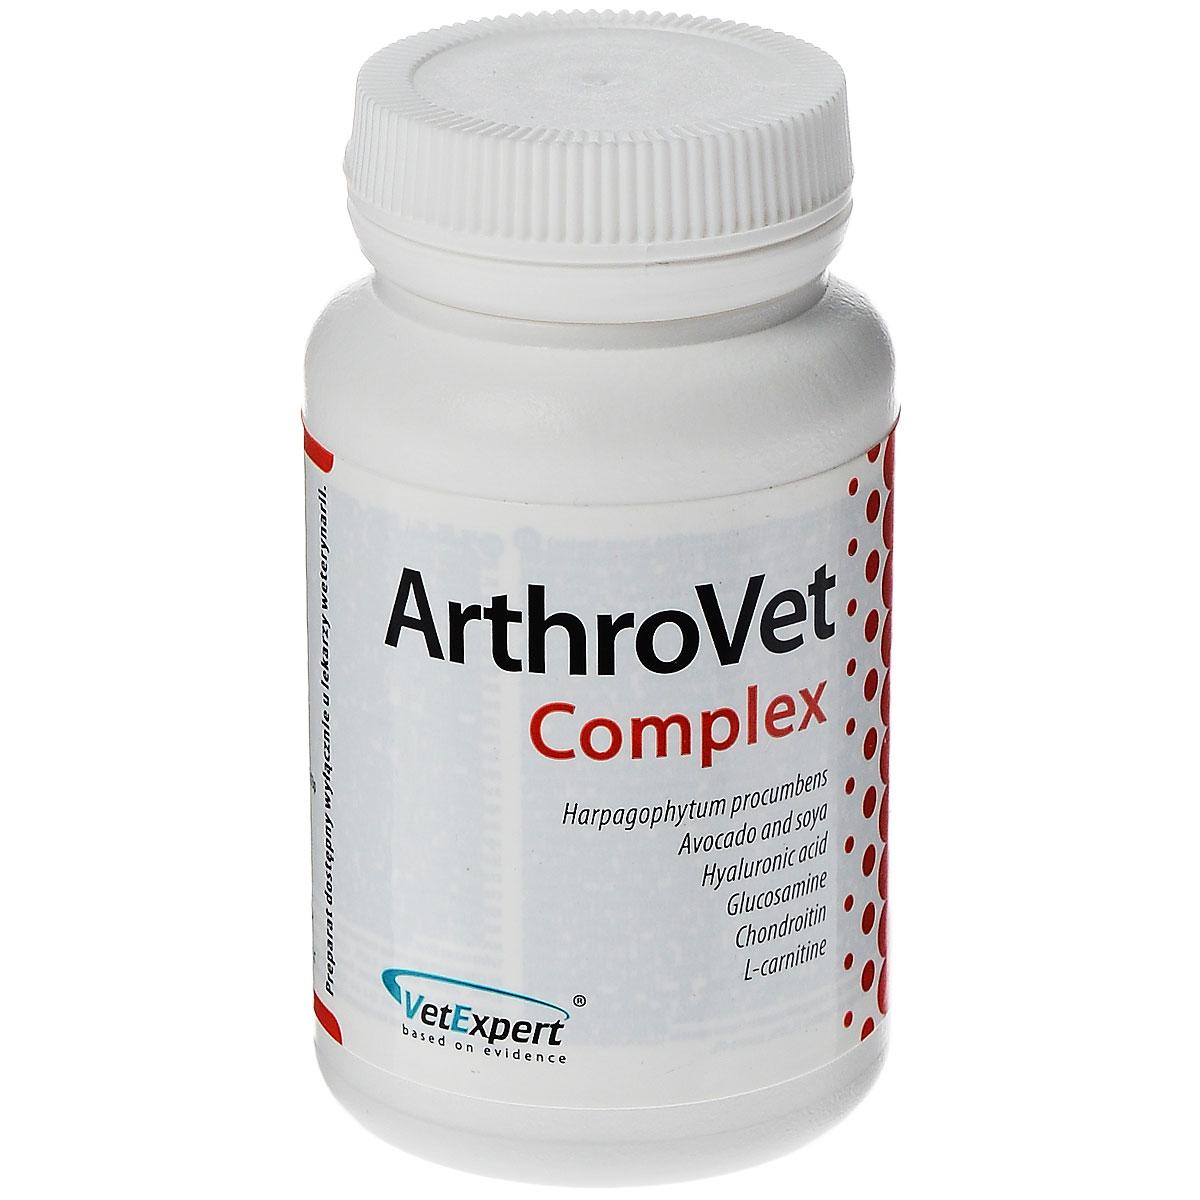 Витаминный комплекс для кошек и собак VetExpert ArthroVet, c гиалуроновой кислотой, 90 таблеток солгар комплекс глюкозамина и хондроитина 60 таблетки